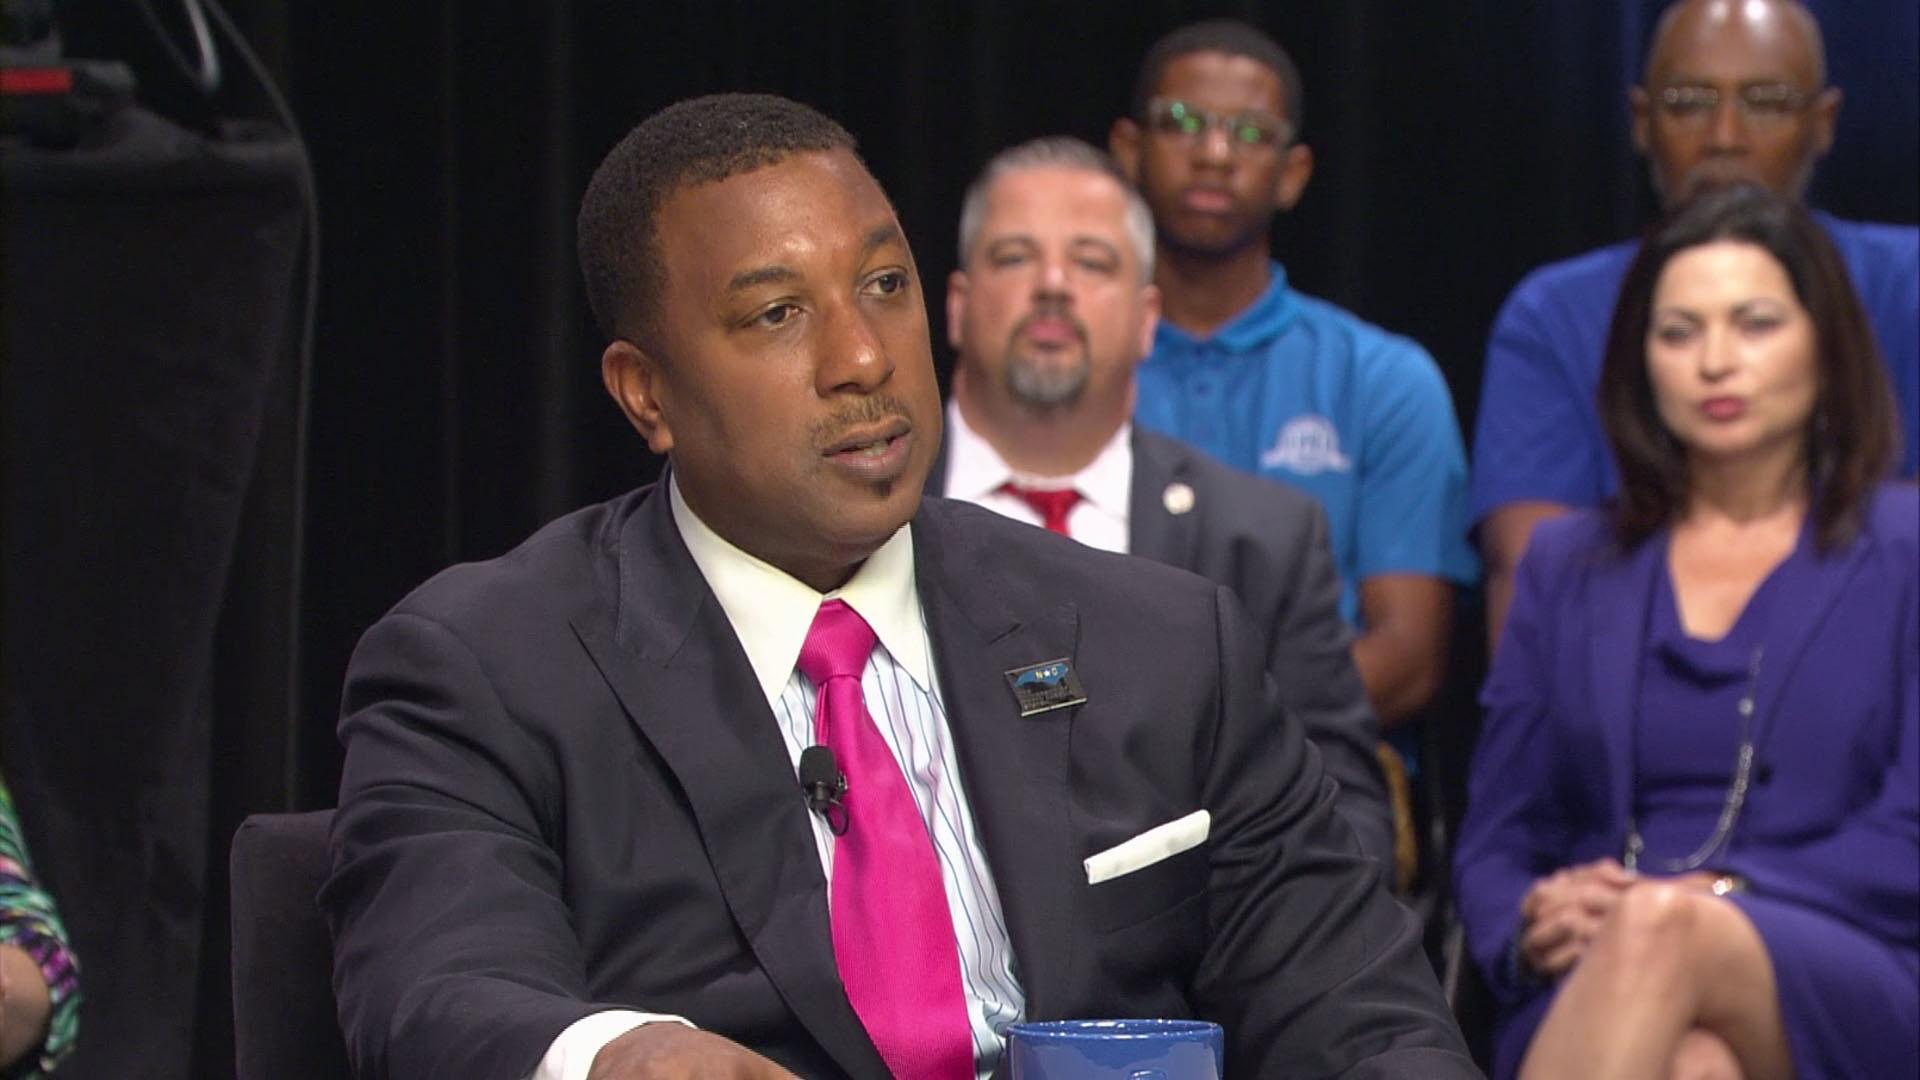 Darrell Allison, UNC Board of Governors Member, HMSI